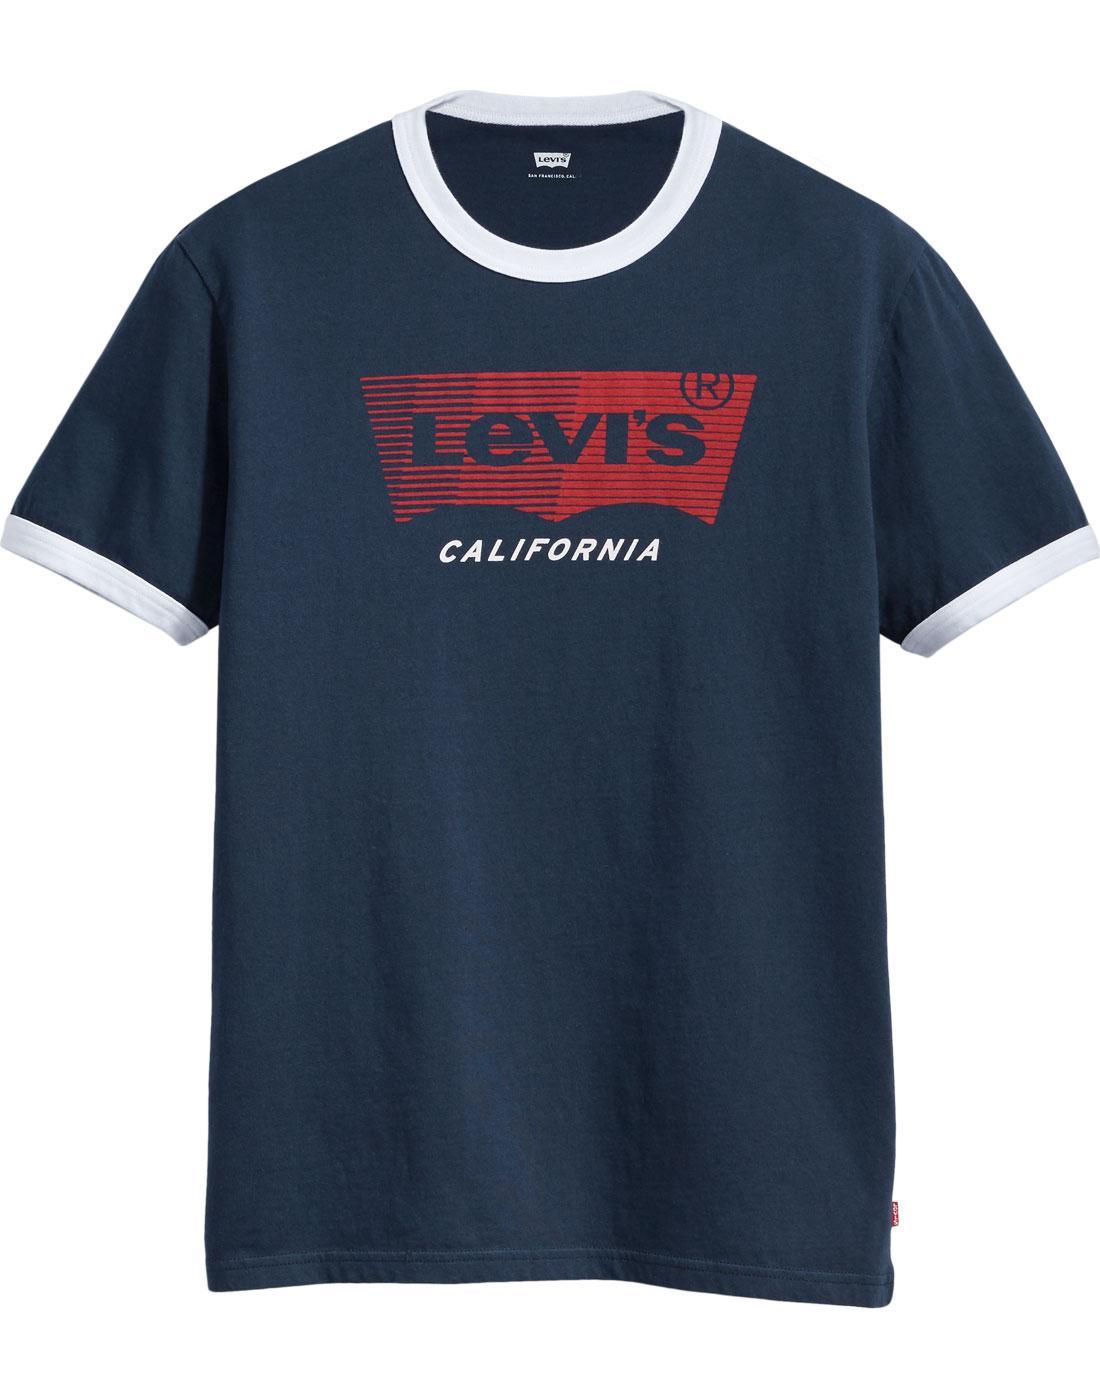 LEVI'S Retro 1970s Housemark Ringer T-Shirt NAVY